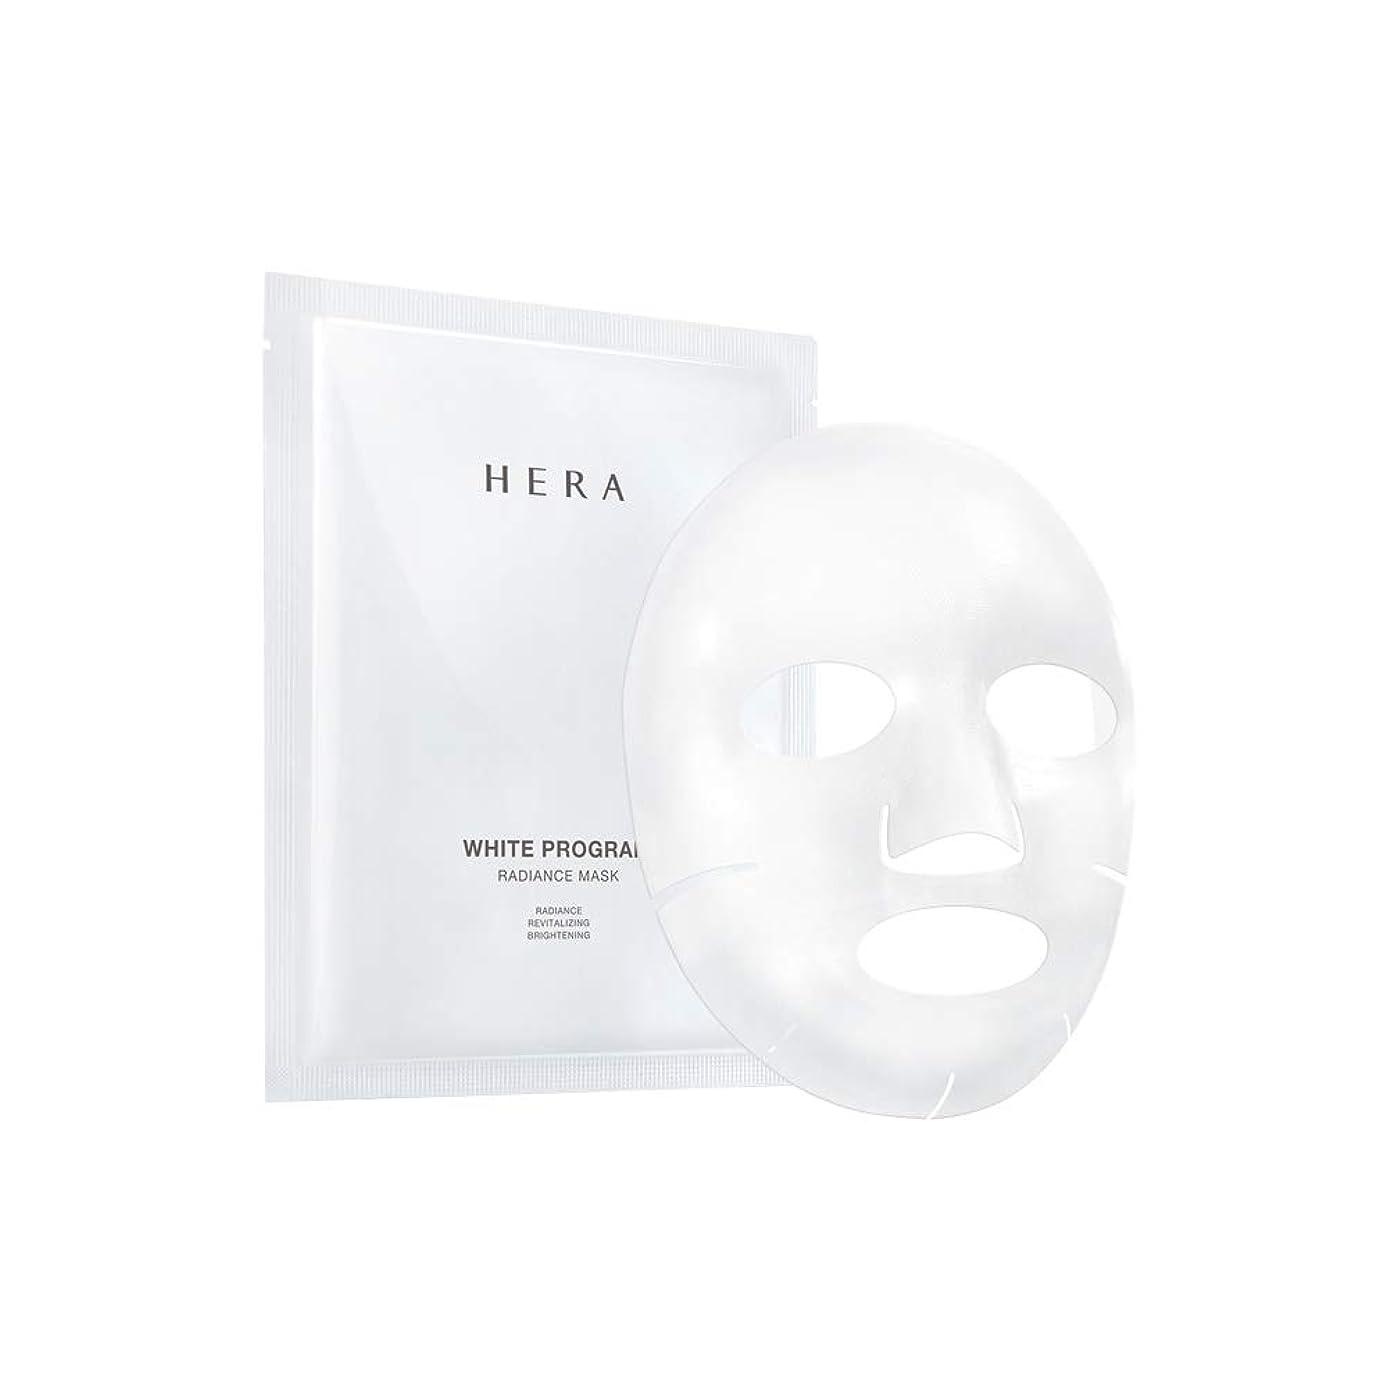 魅惑的なインデックス再生【HERA公式】ヘラ ホワイト プログラム ラディアンス マスク 6枚入り/HERA White Program Radiance Mask 6Sheets